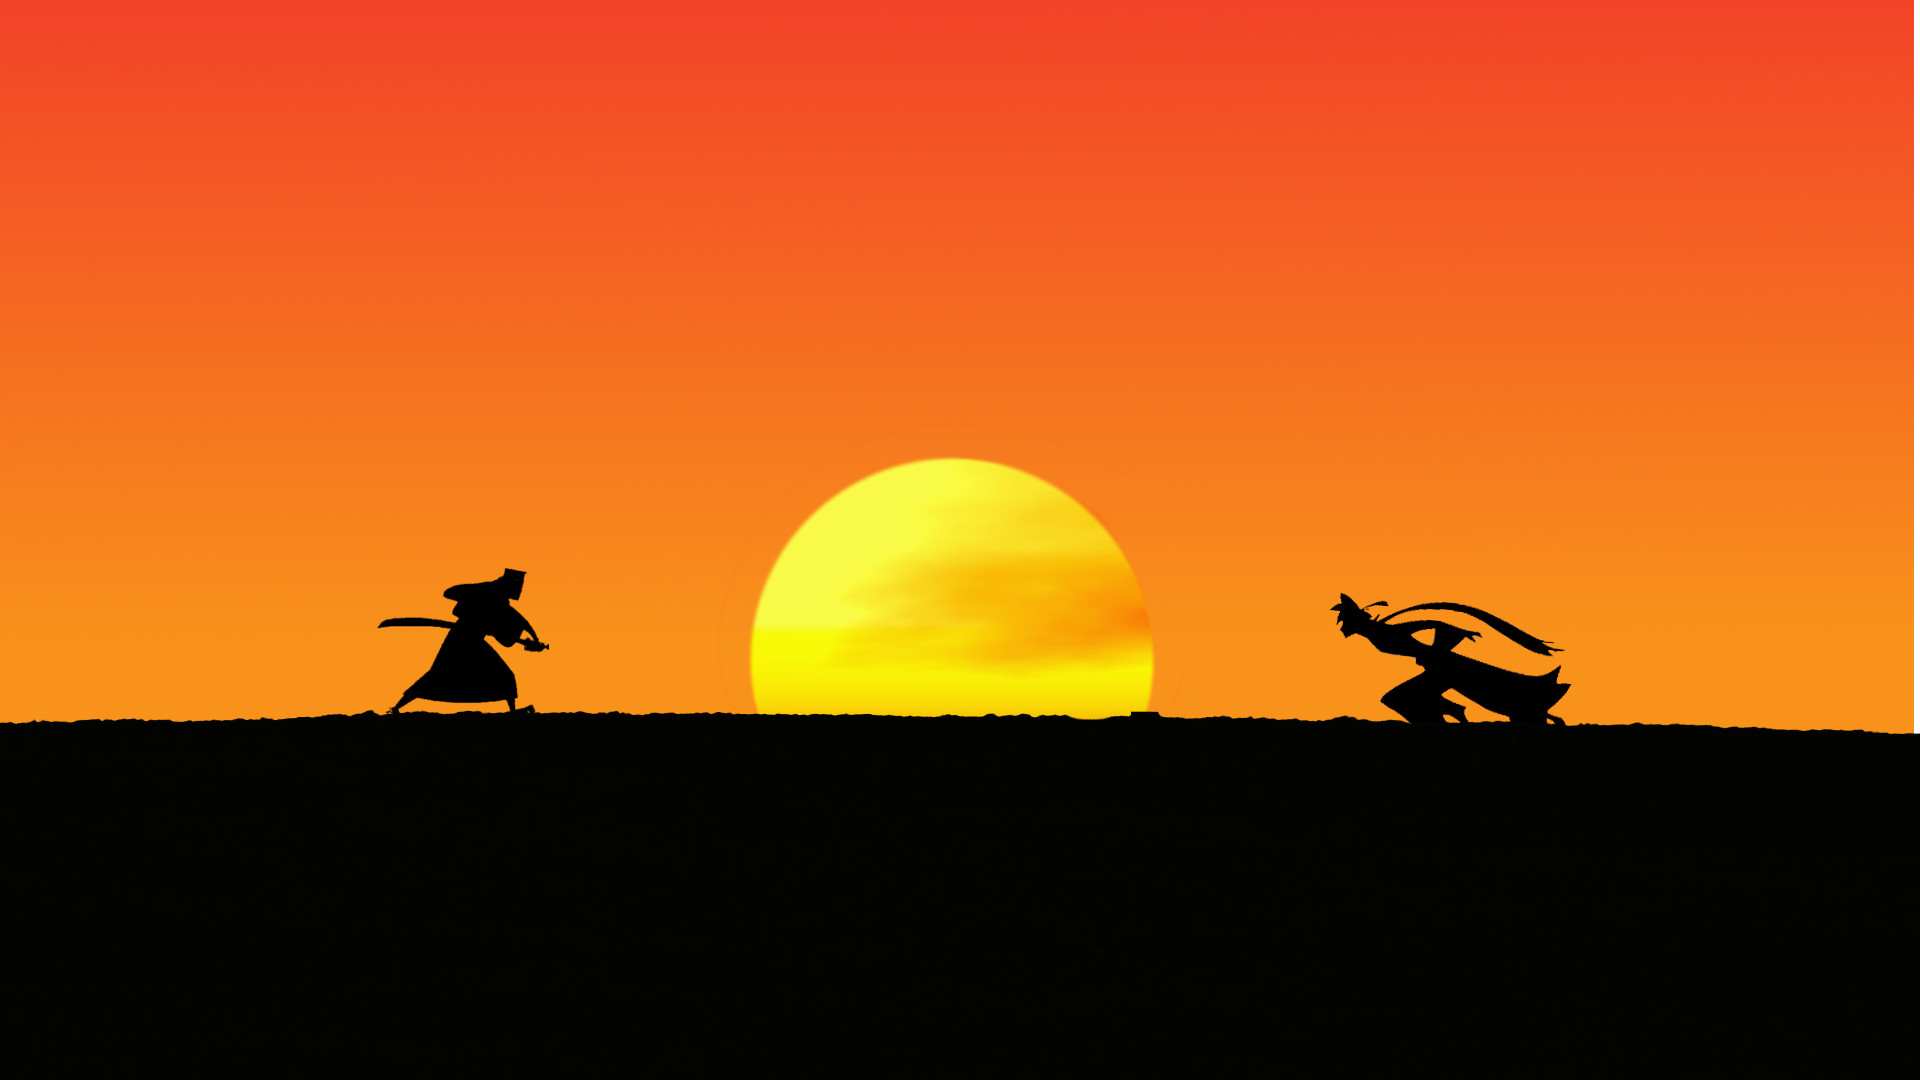 [Katanagatari] Samurai Jack, wielder of a legendary Shikizaki Deviant Blade  (1920×1080) …